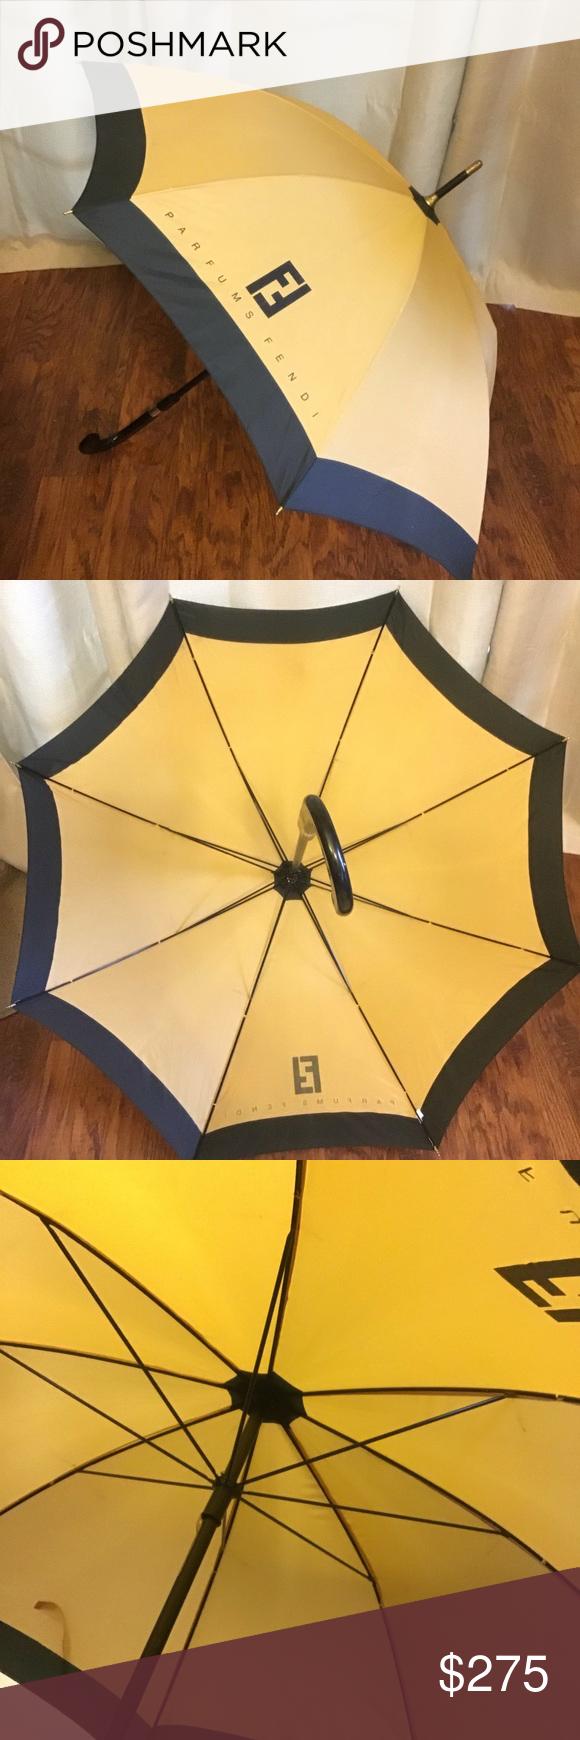 Fendi Vintage Parfums Long Walking Umbrella Fendi Umbrella Clothes Design